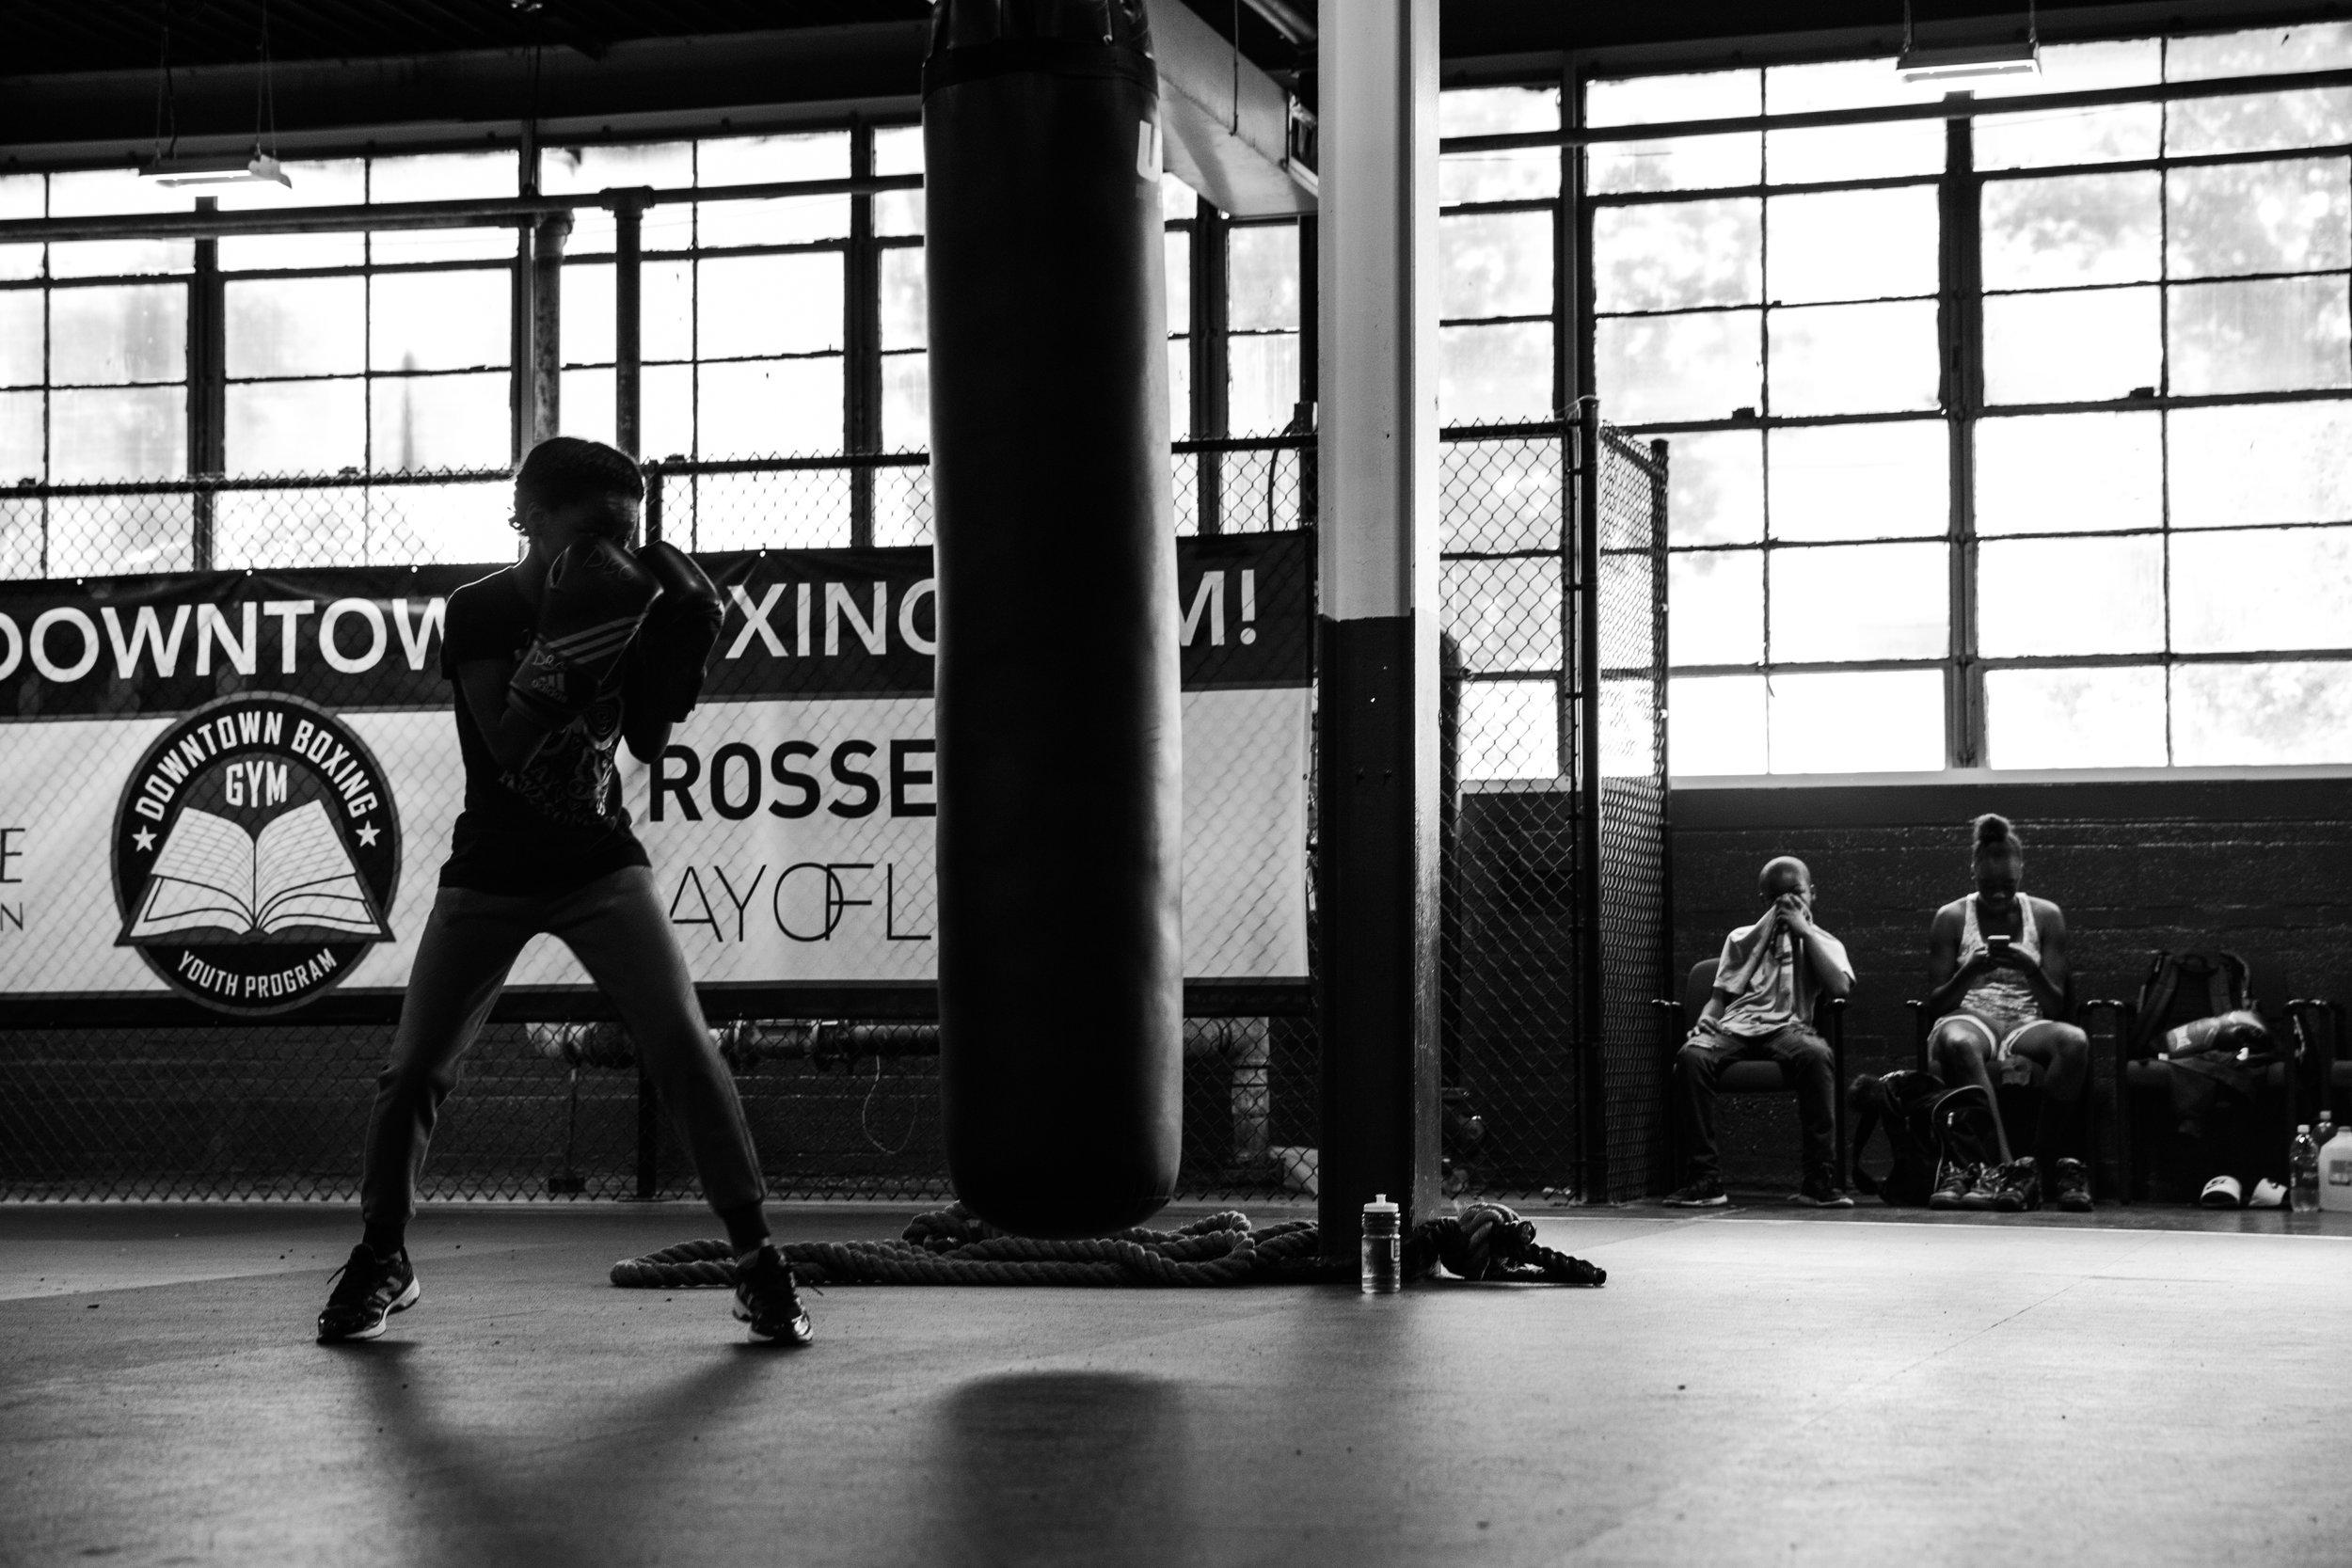 Downtown Boxing Gym Detroit MI